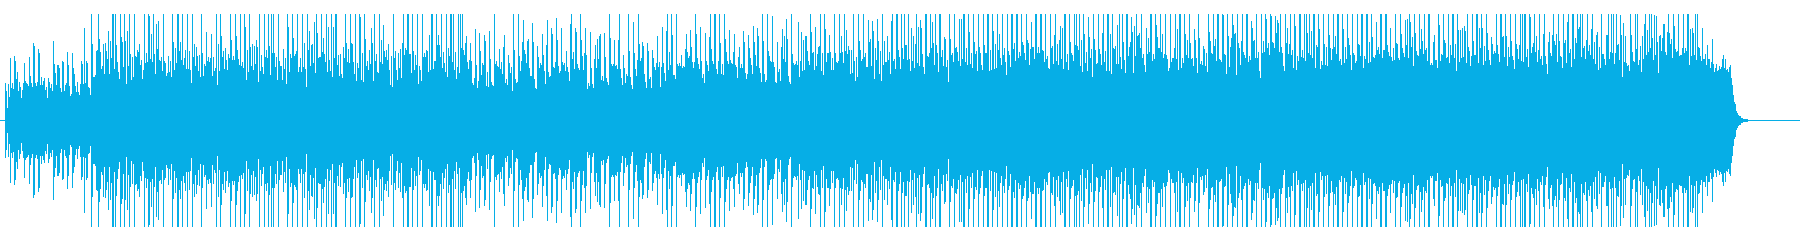 きよしこの夜 3拍子のライトテクノの再生済みの波形